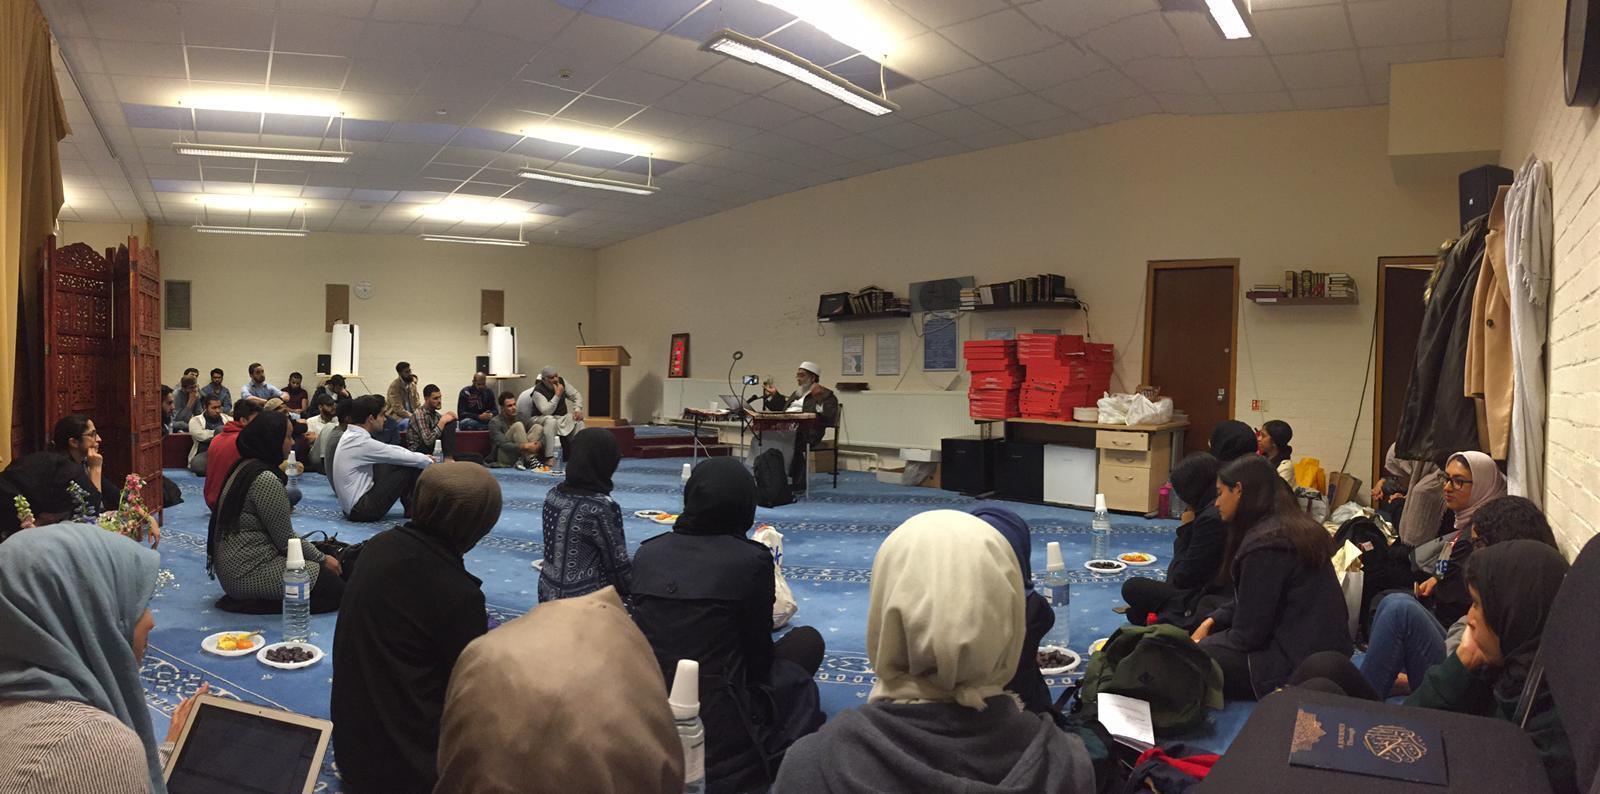 Religious Education class led by Shaykh Riyadh Nadwi